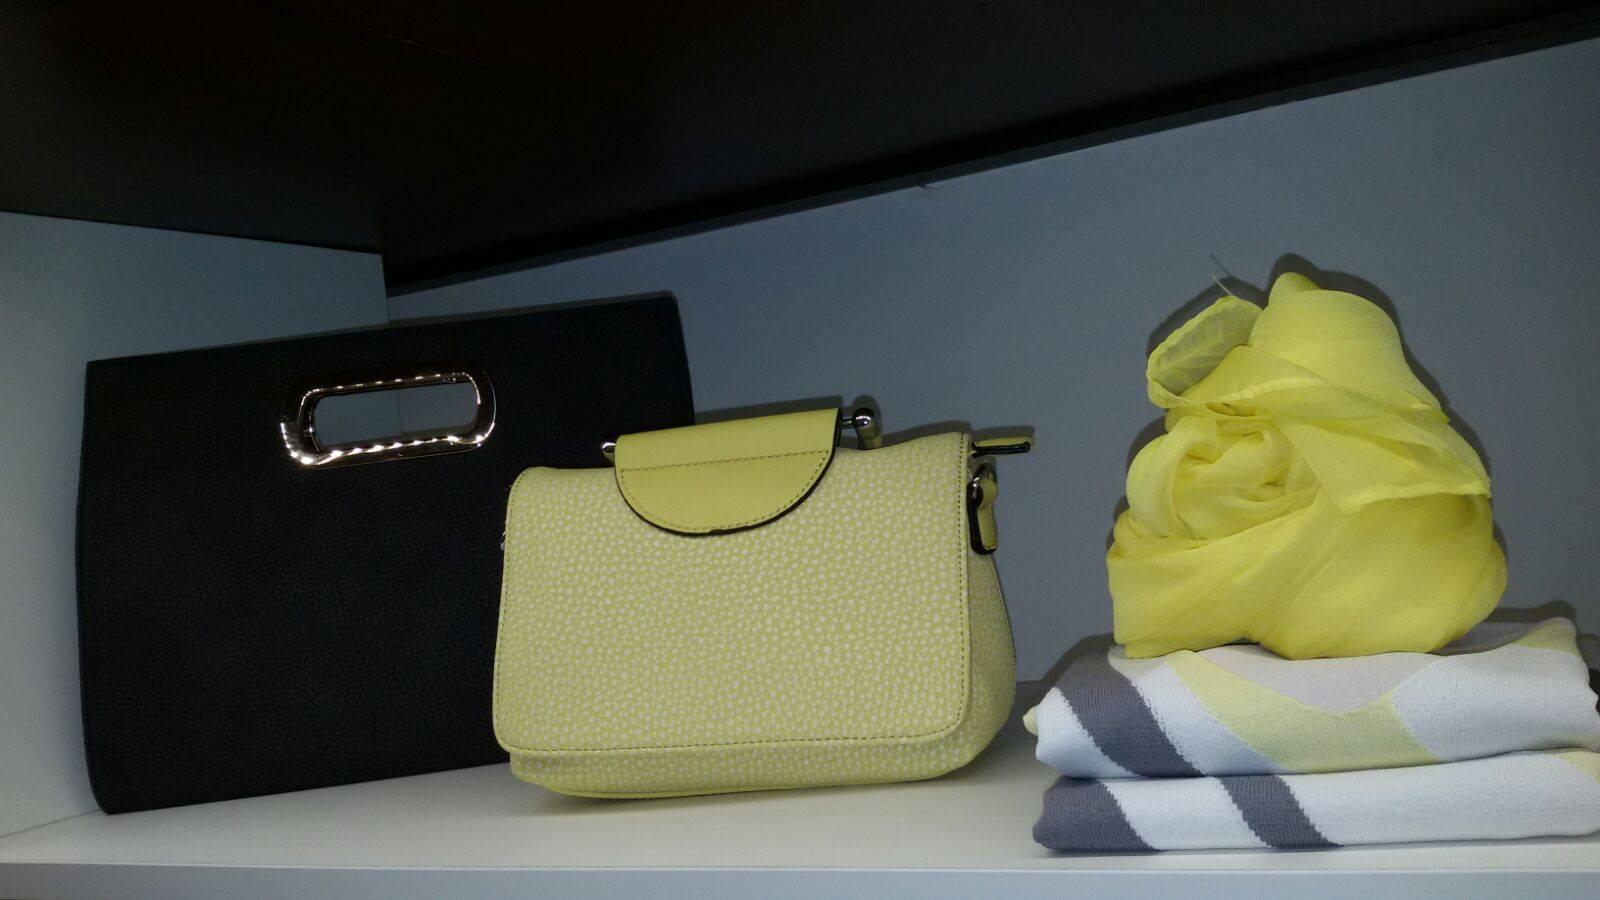 una mensola con delle borsette di color nero, giallo e delle sciarpe